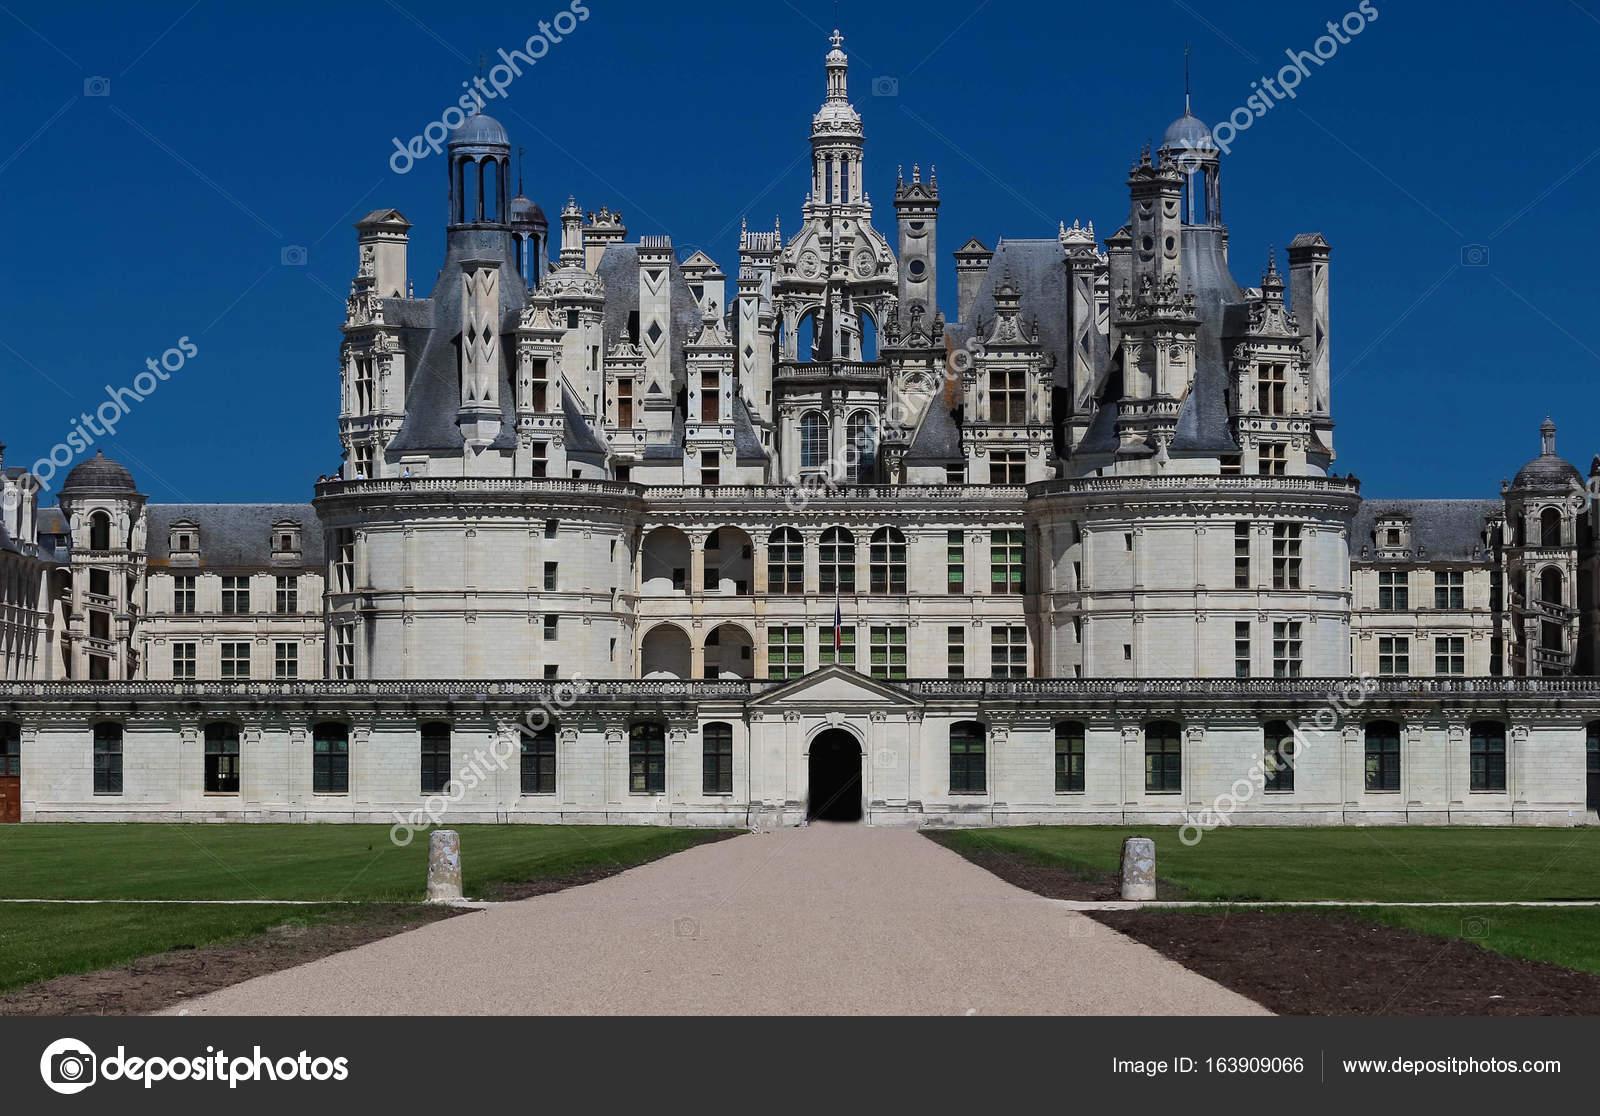 El castillo de chambord en el valle del loira francia construido en 1519 1547 foto editorial - Castillo de chambord ...